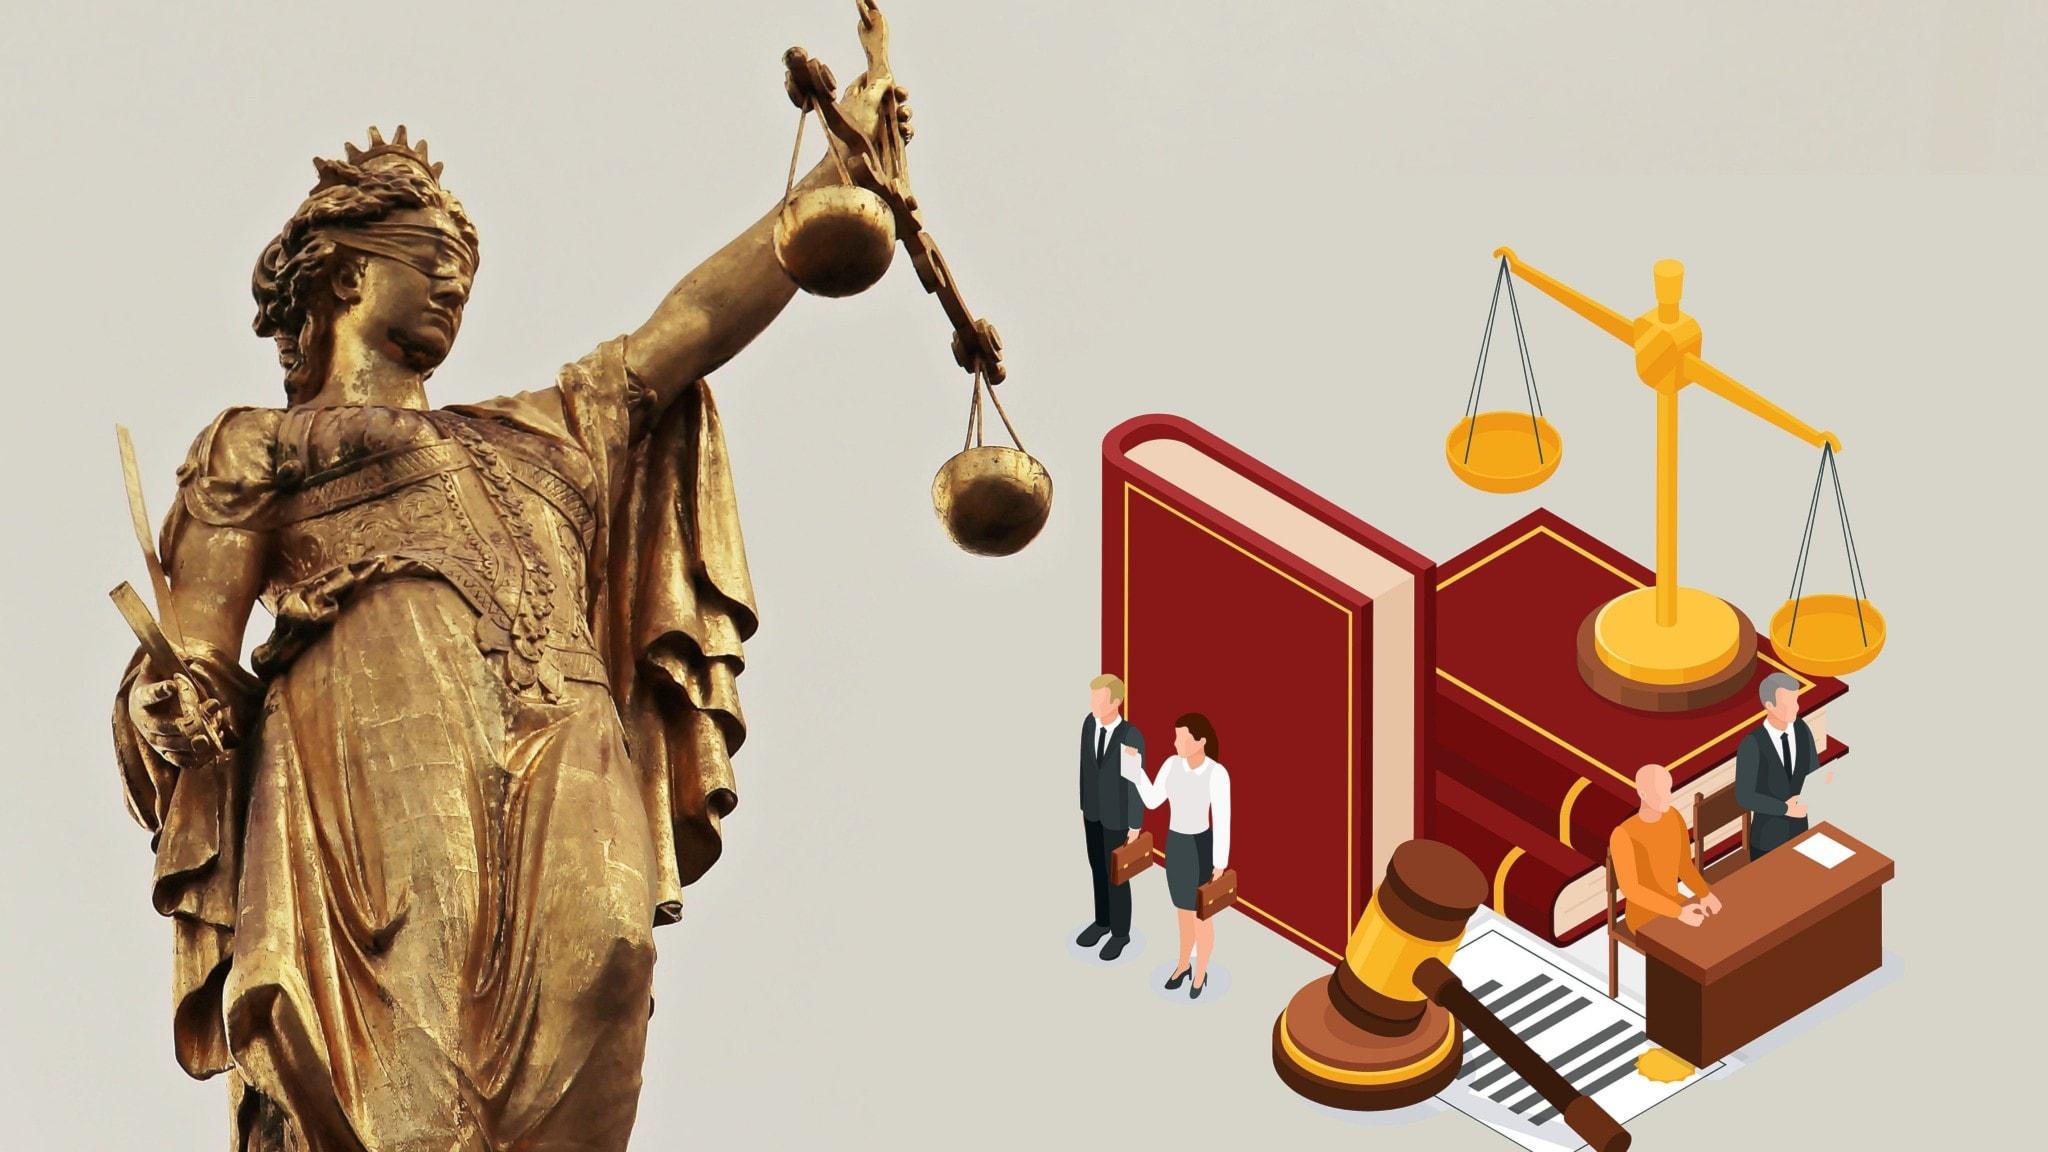 Staty på Fru Justitia och illustration på lagböcker och jurister.